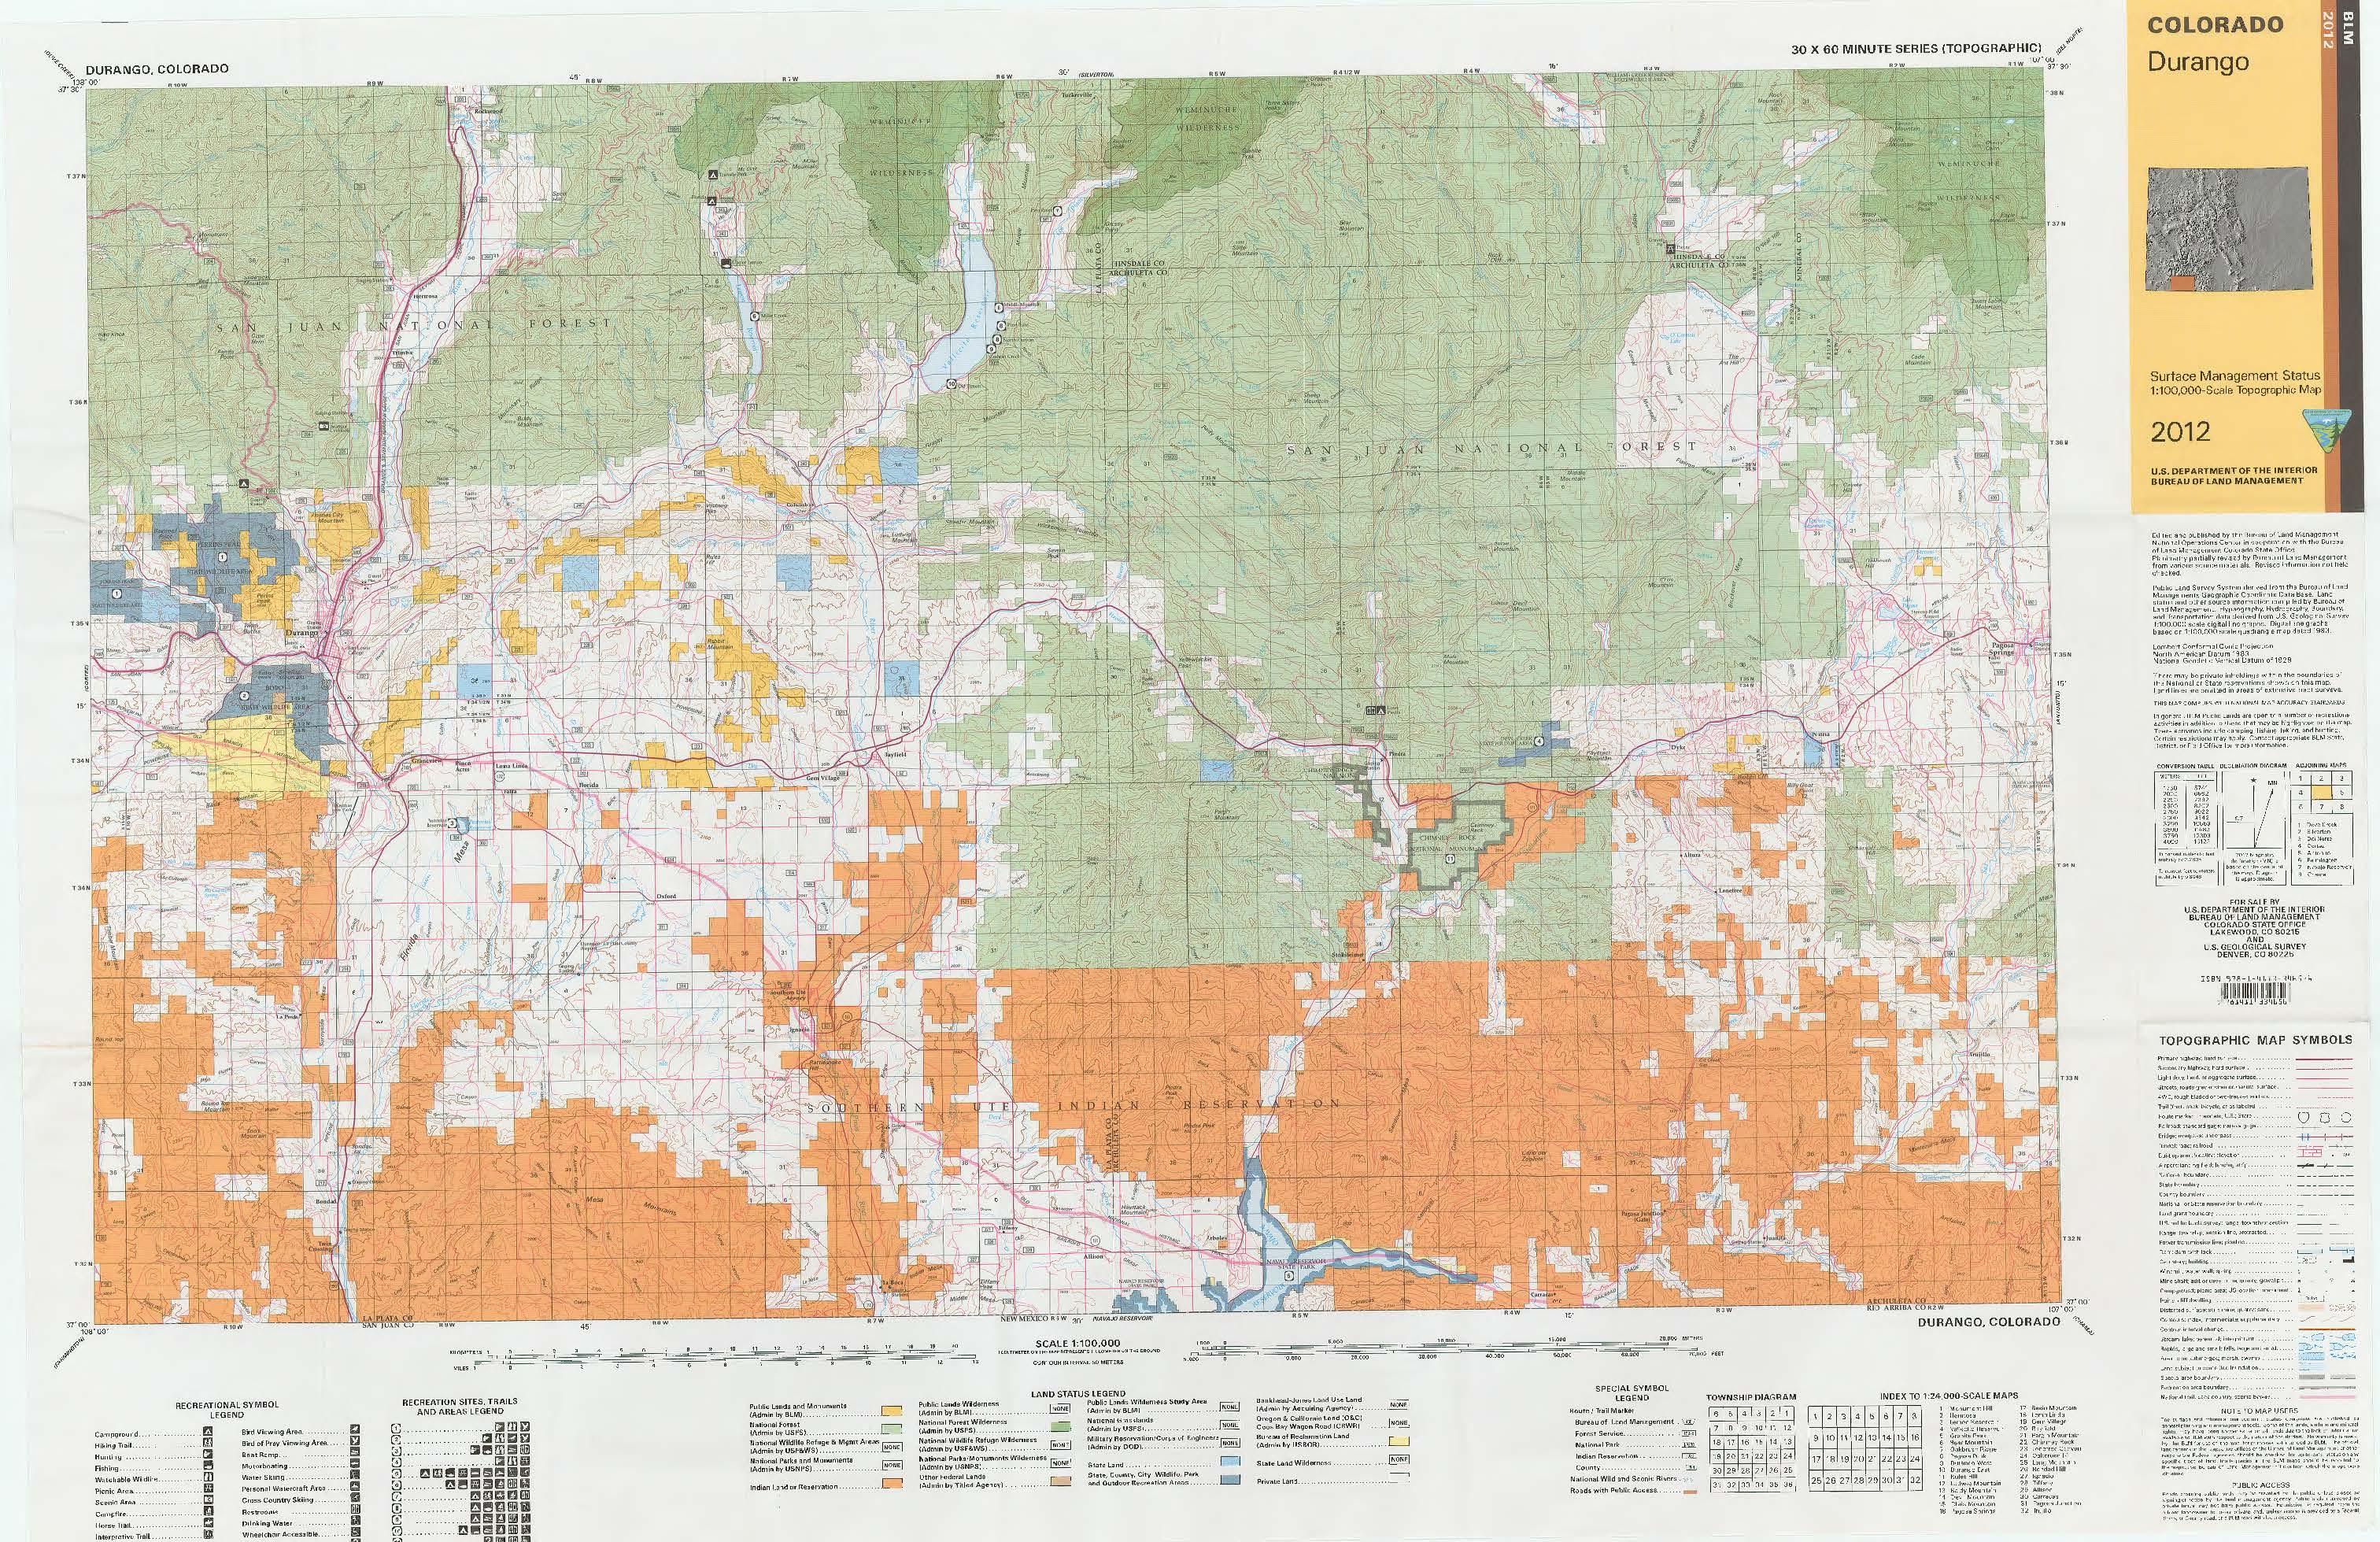 Blm Colorado Map CO Surface Management Status Durango Map | Bureau of Land Management